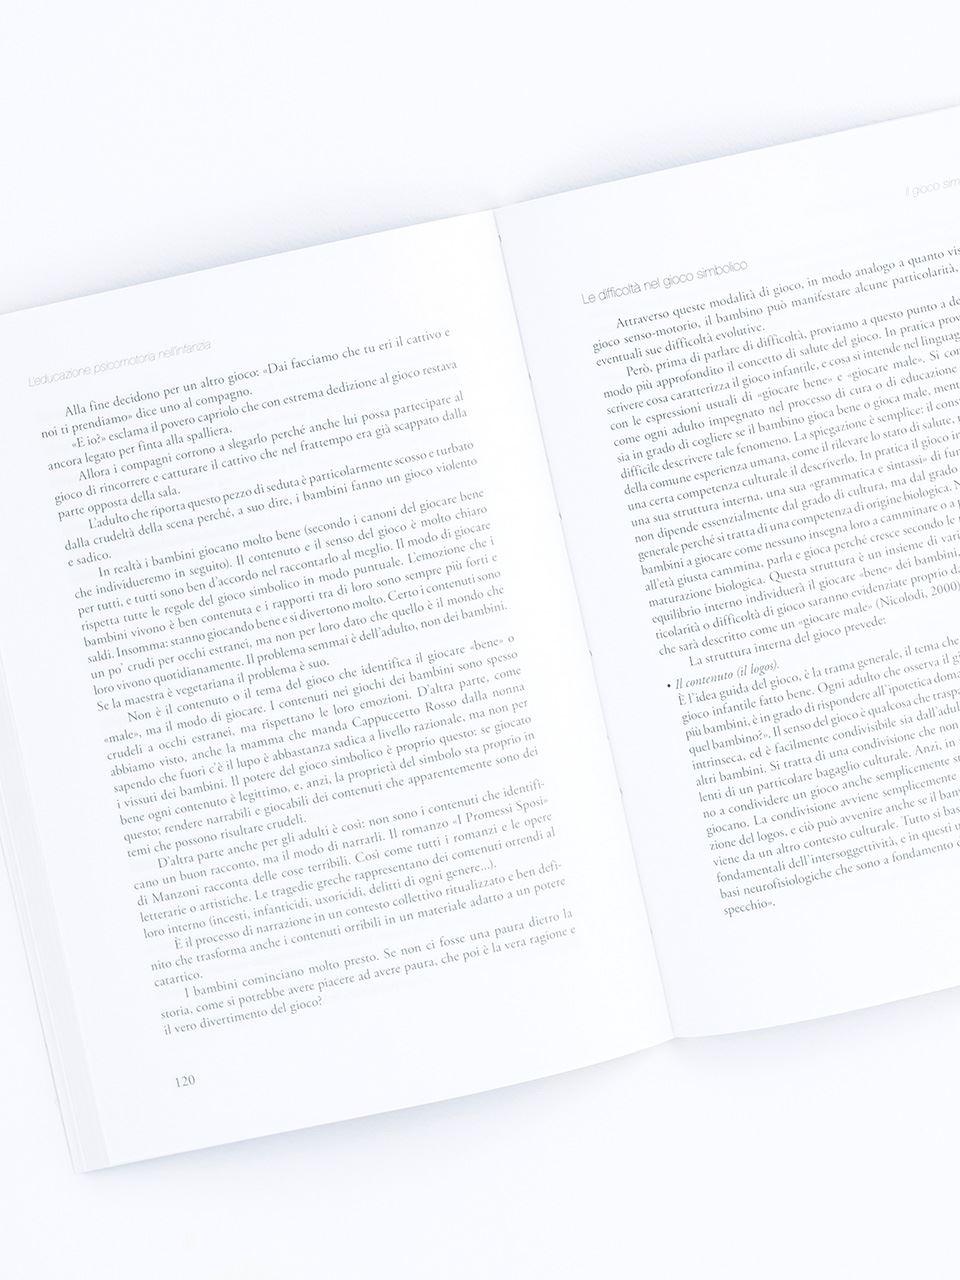 L'educazione psicomotoria nell'infanzia - Libri - Erickson 2